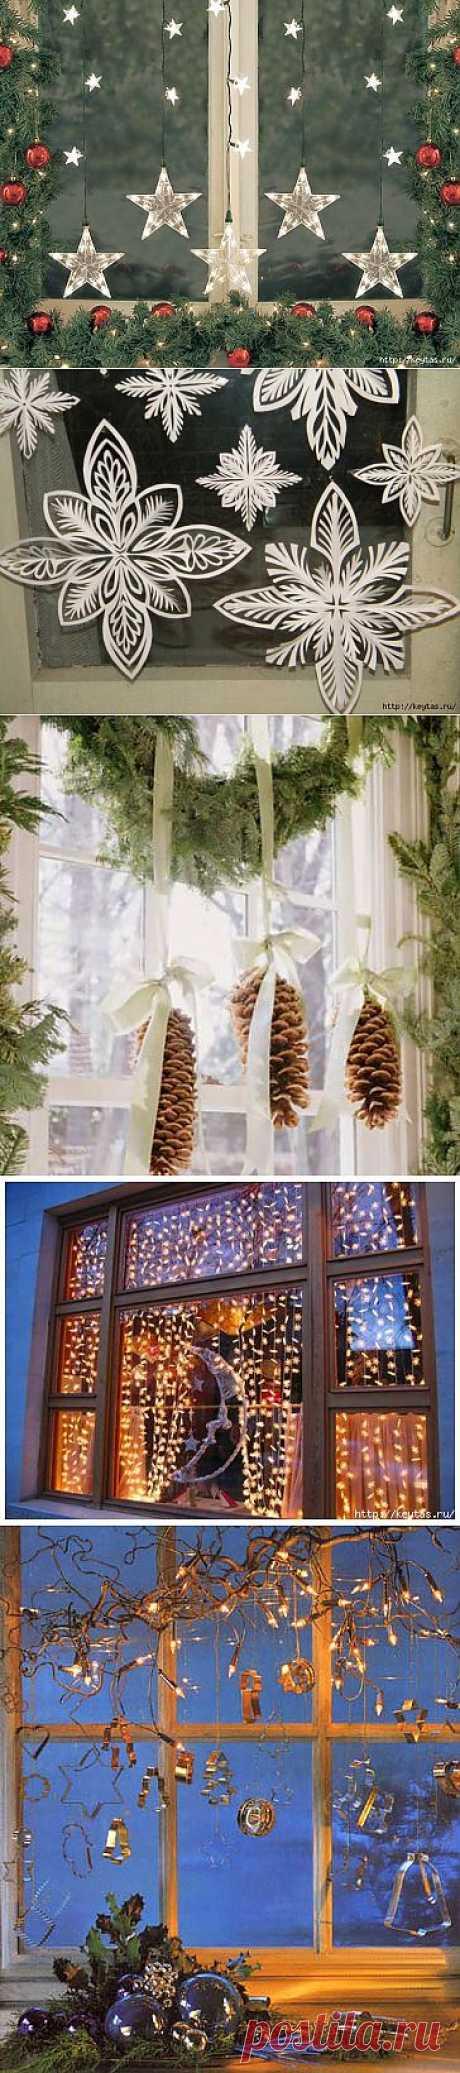 Сказочные новогодние окна.